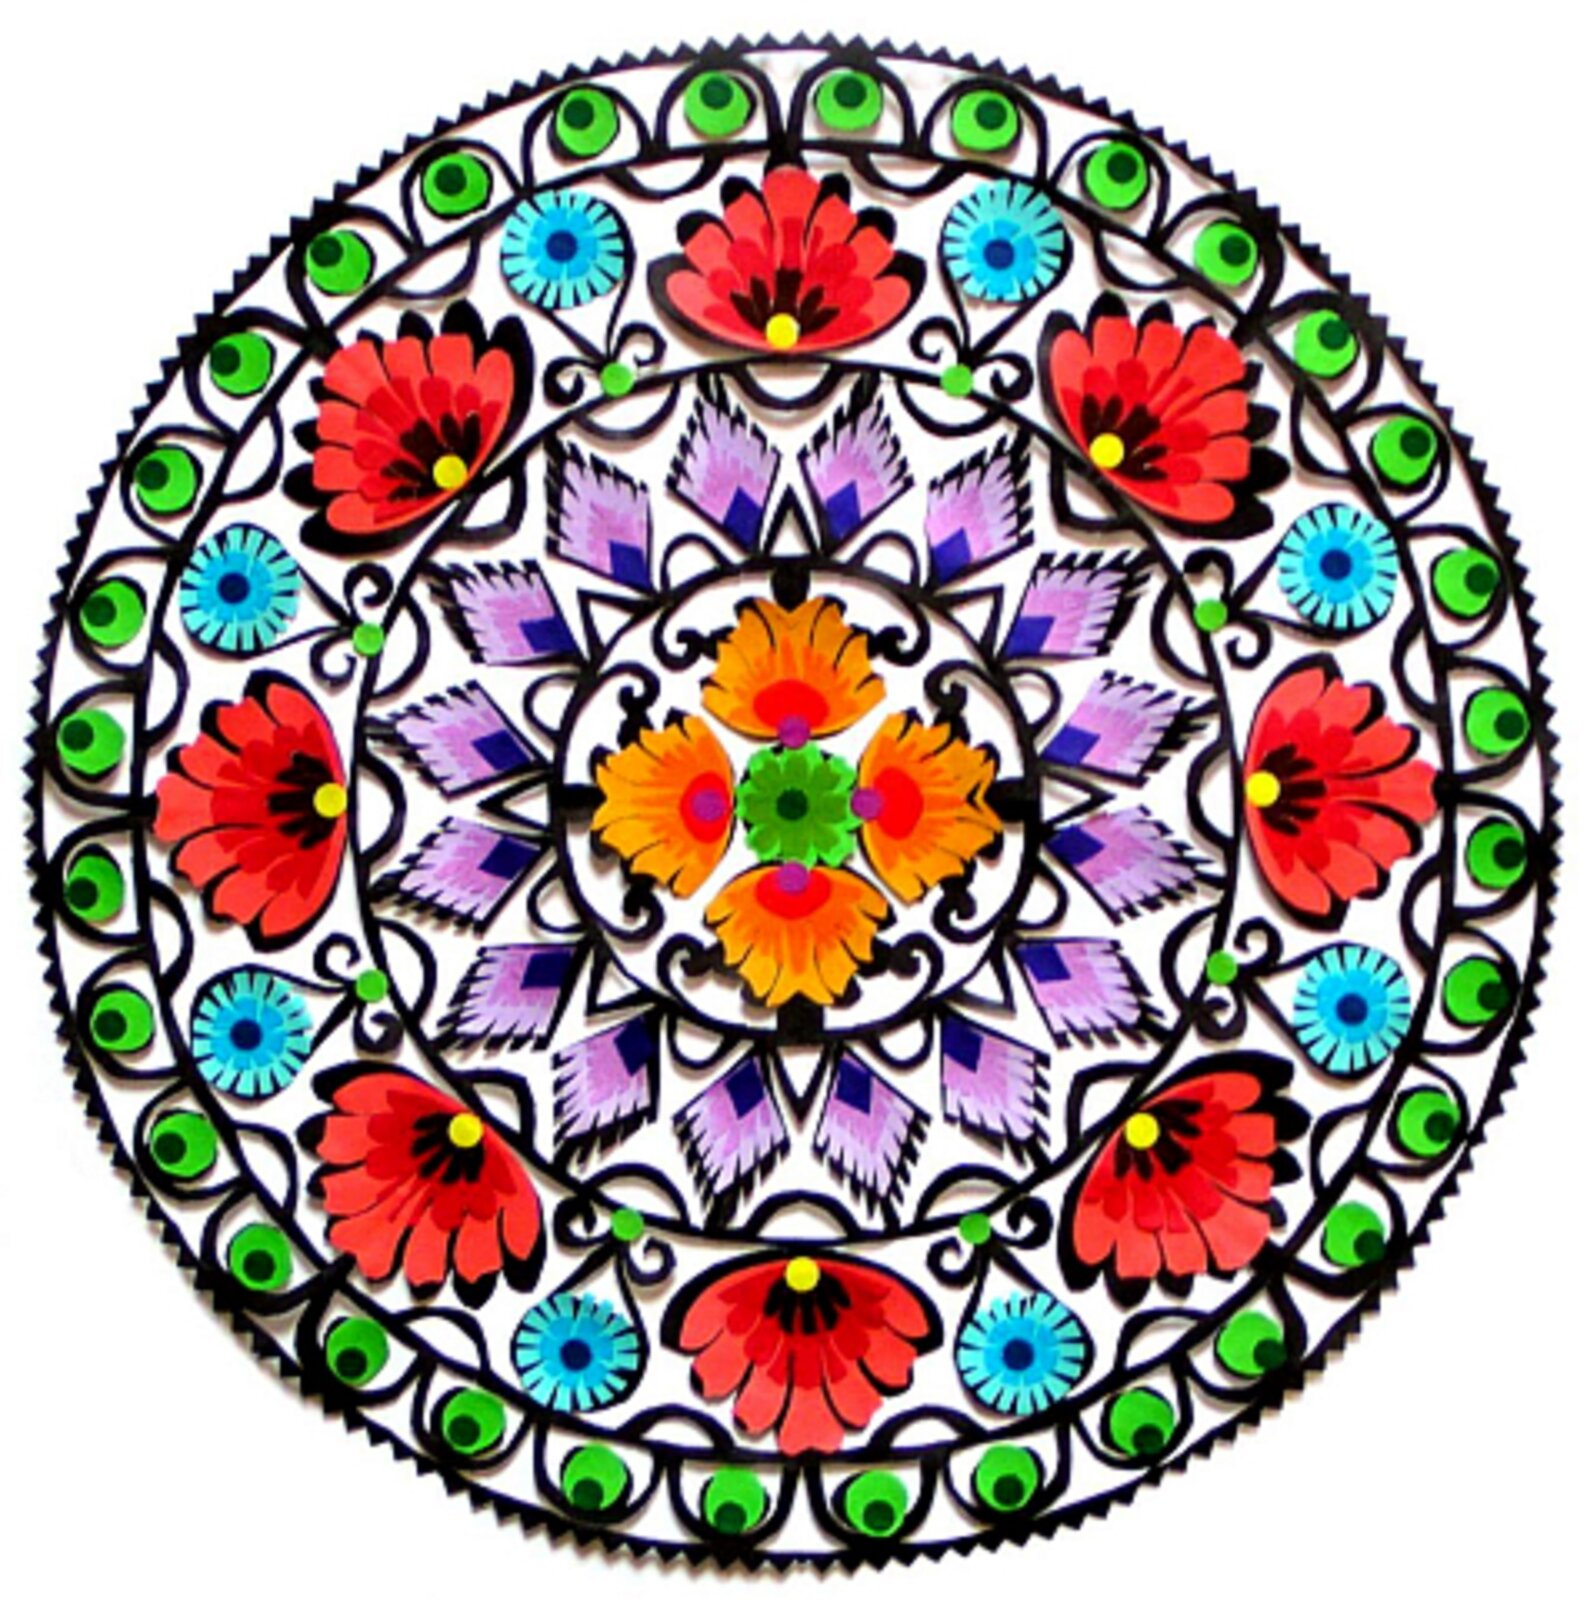 Ilustracja przedstawia łowicką gwiazdę. Jest to serwetka zbudowana ztrzech pierścieni ikole wśrodku. Zewnętrzny pierścień to zielone pawie oczka. Kolejny ma na przemian duże, czerwone imniejsze niebieskie kwiaty. Trzeci pierścień składa się zfioletowych listków. Środek to zielony kwiatek, dokoła którego ułożone są cztery żółto-czerwone kwiaty. Pierścienie wydzielone są czarną, cienką linią.